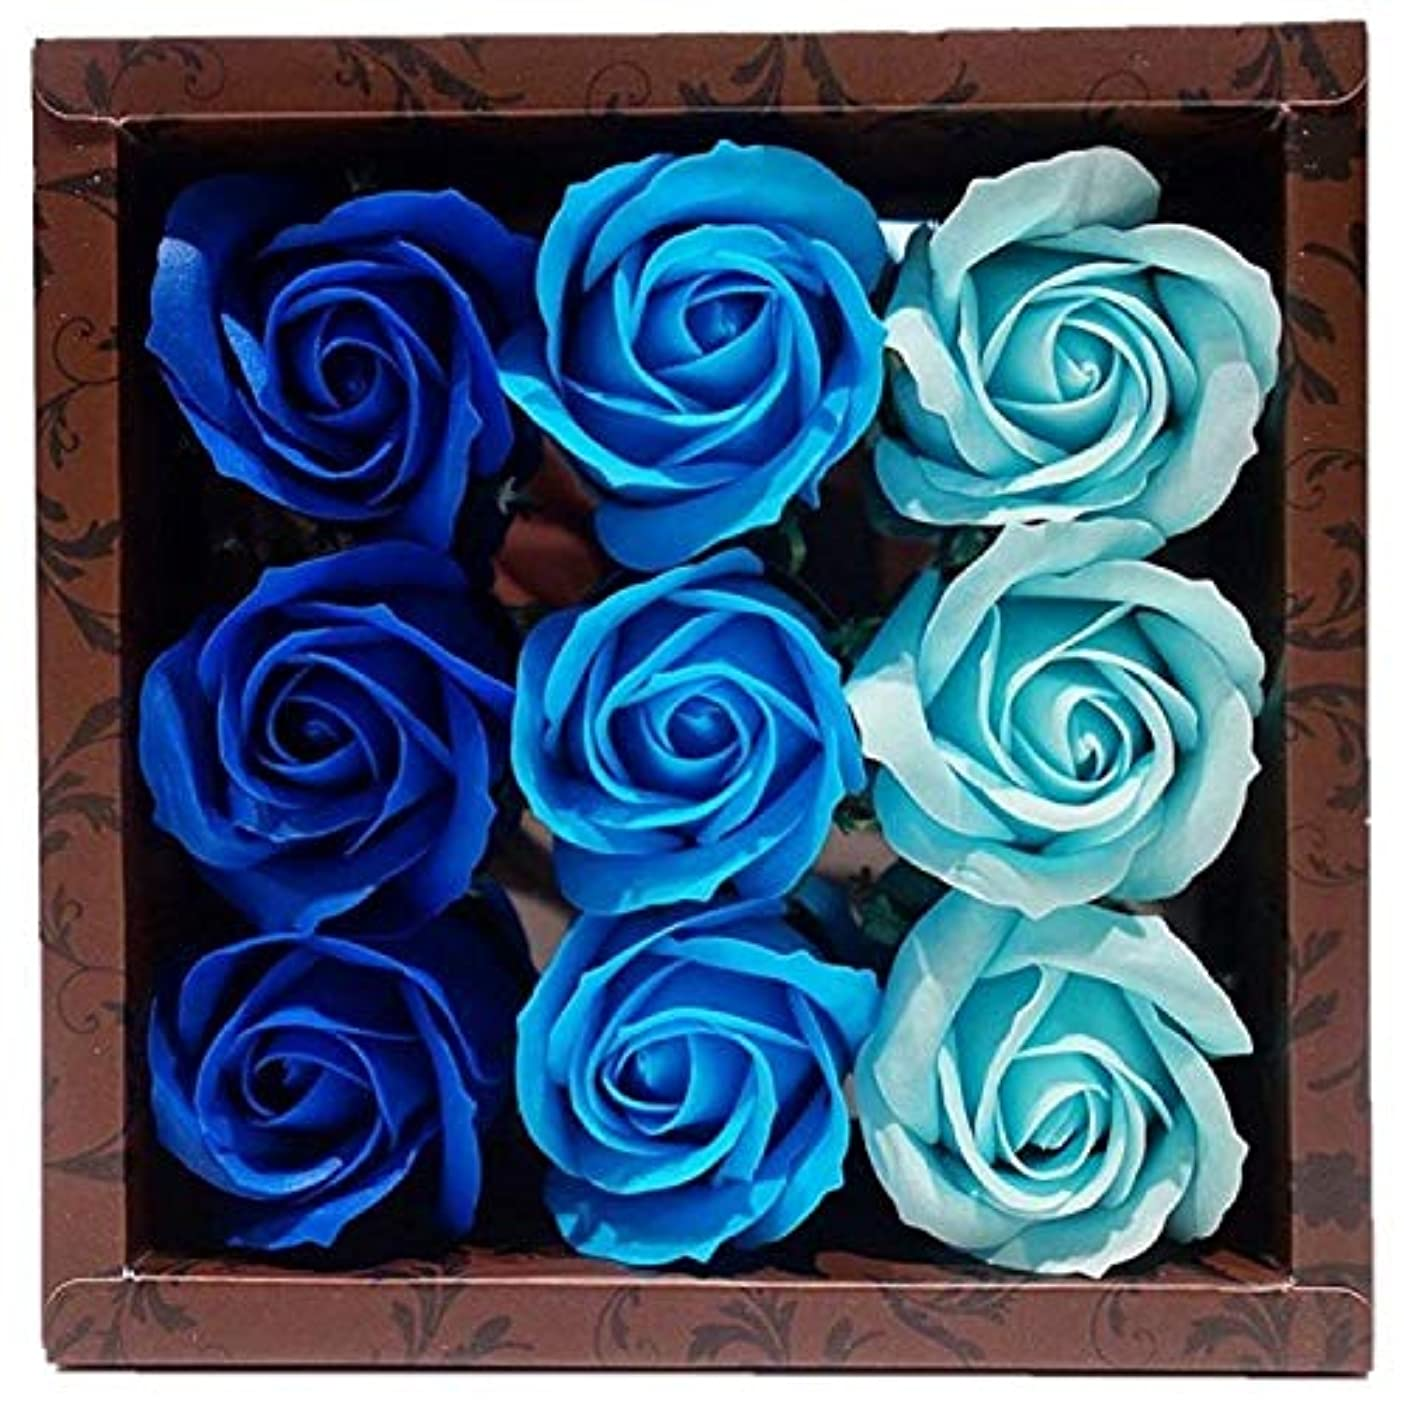 大使農村不幸バスフレグランス バスフラワー ローズフレグランス ブルーカラー ギフト お花の形の入浴剤 ばら